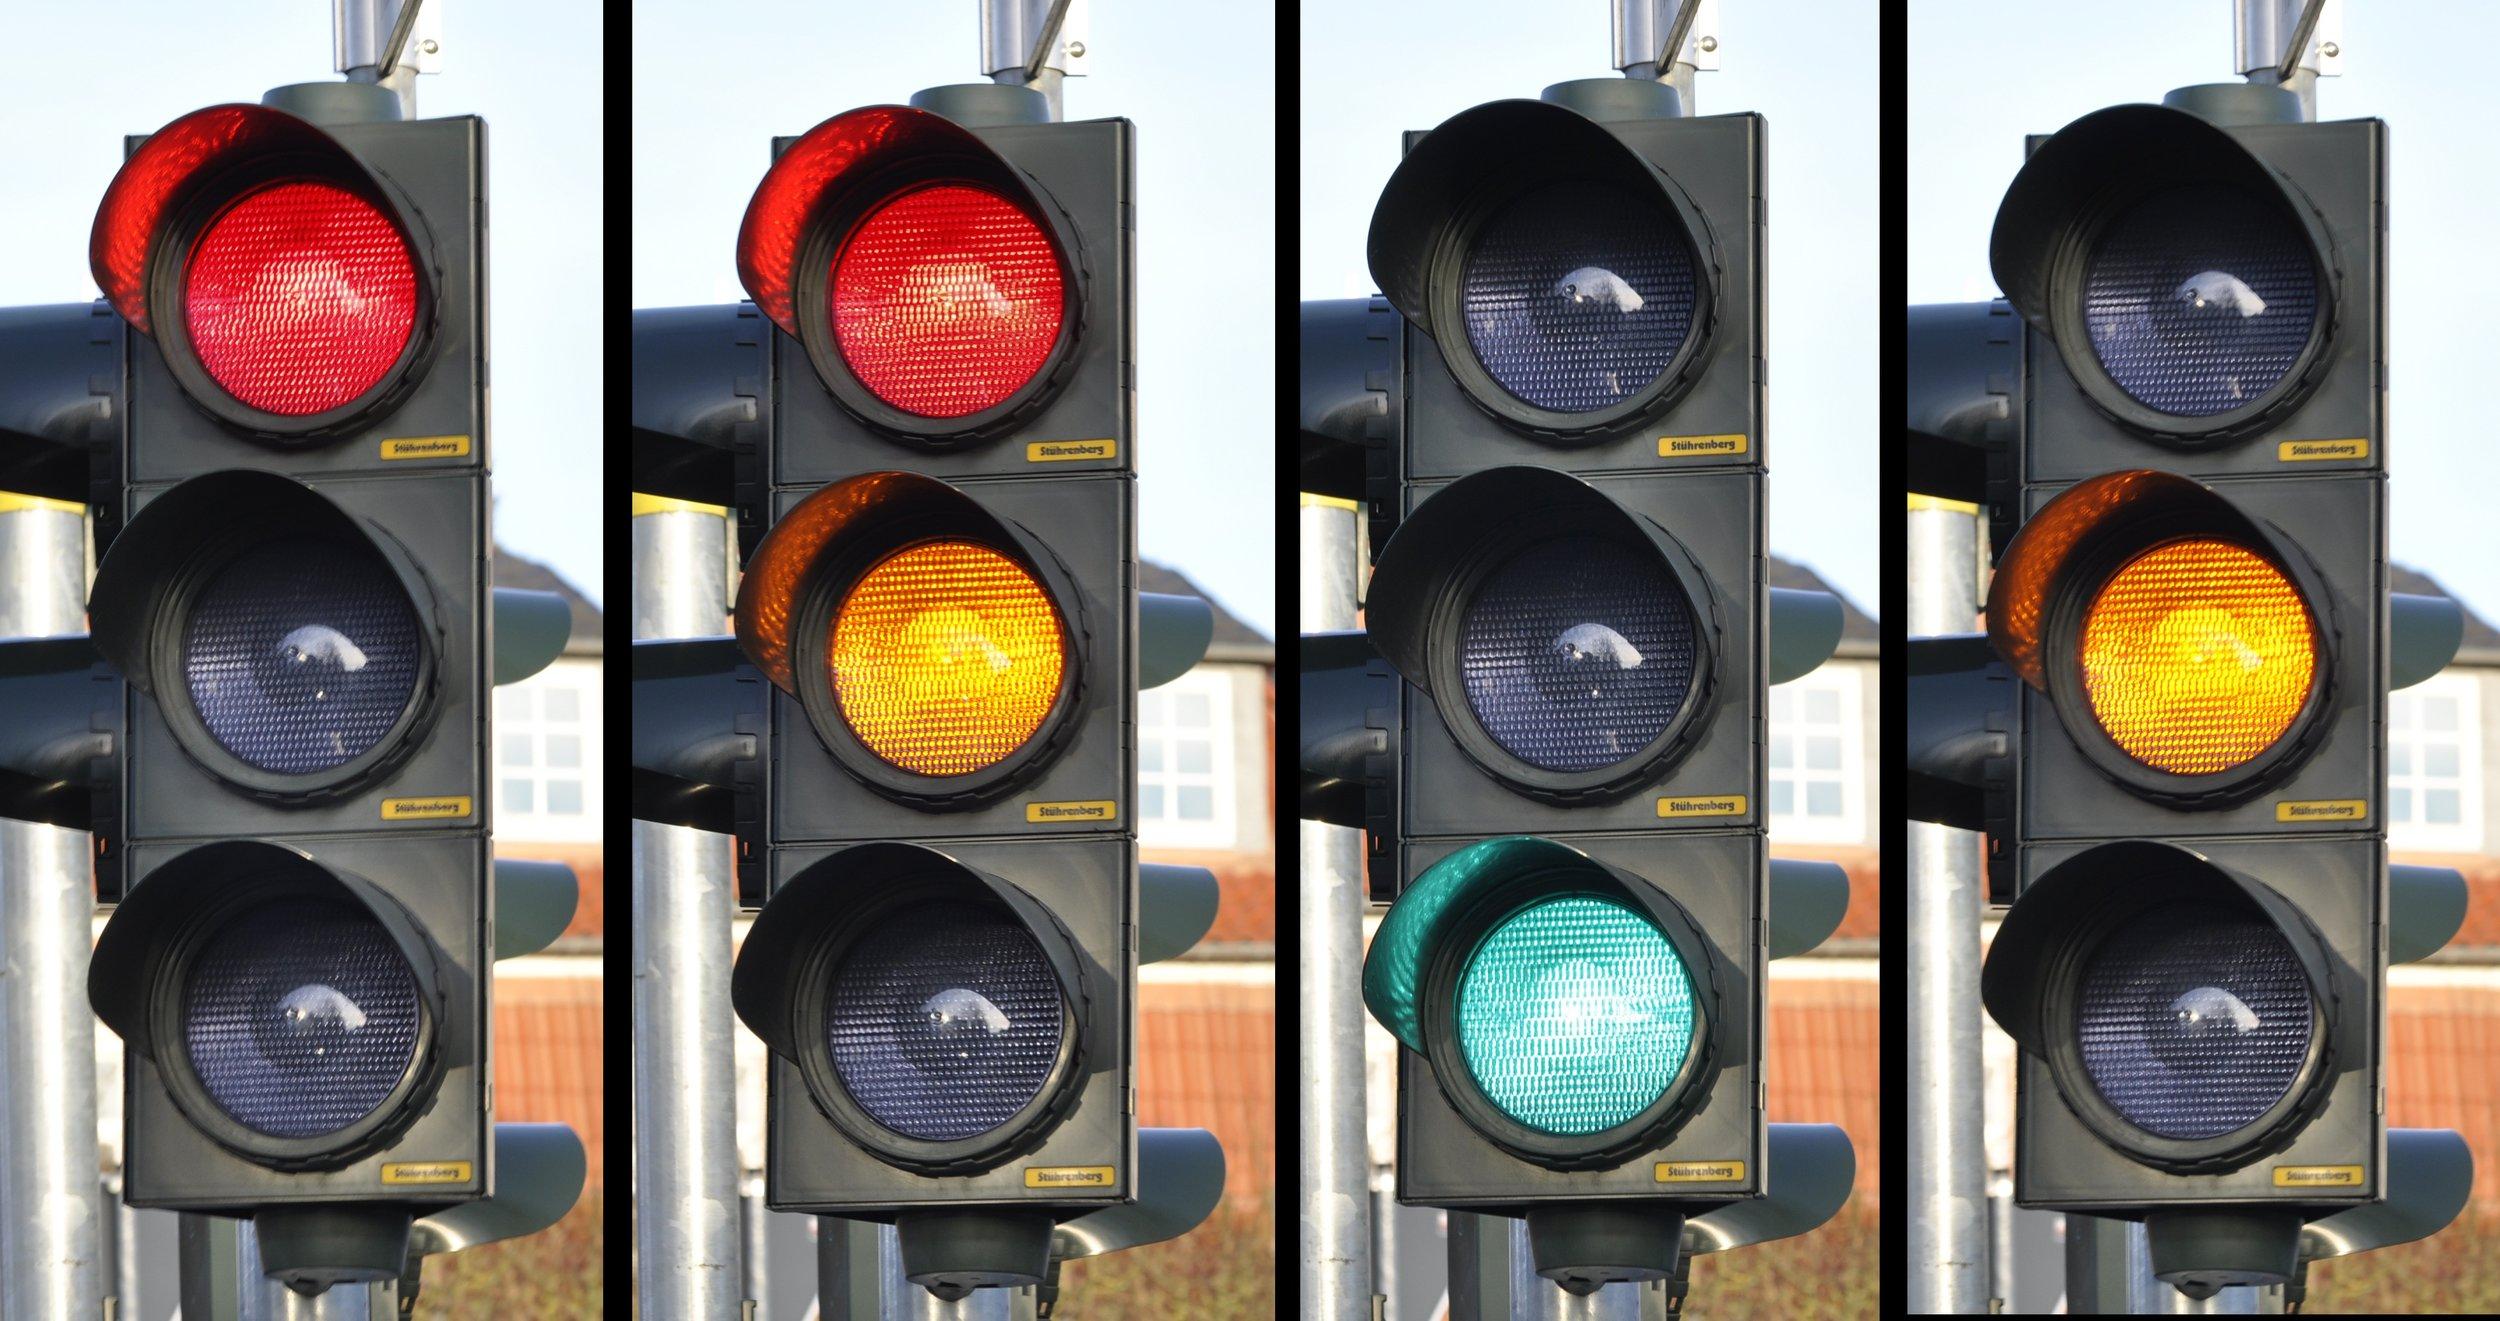 traffic-light-876056.jpg